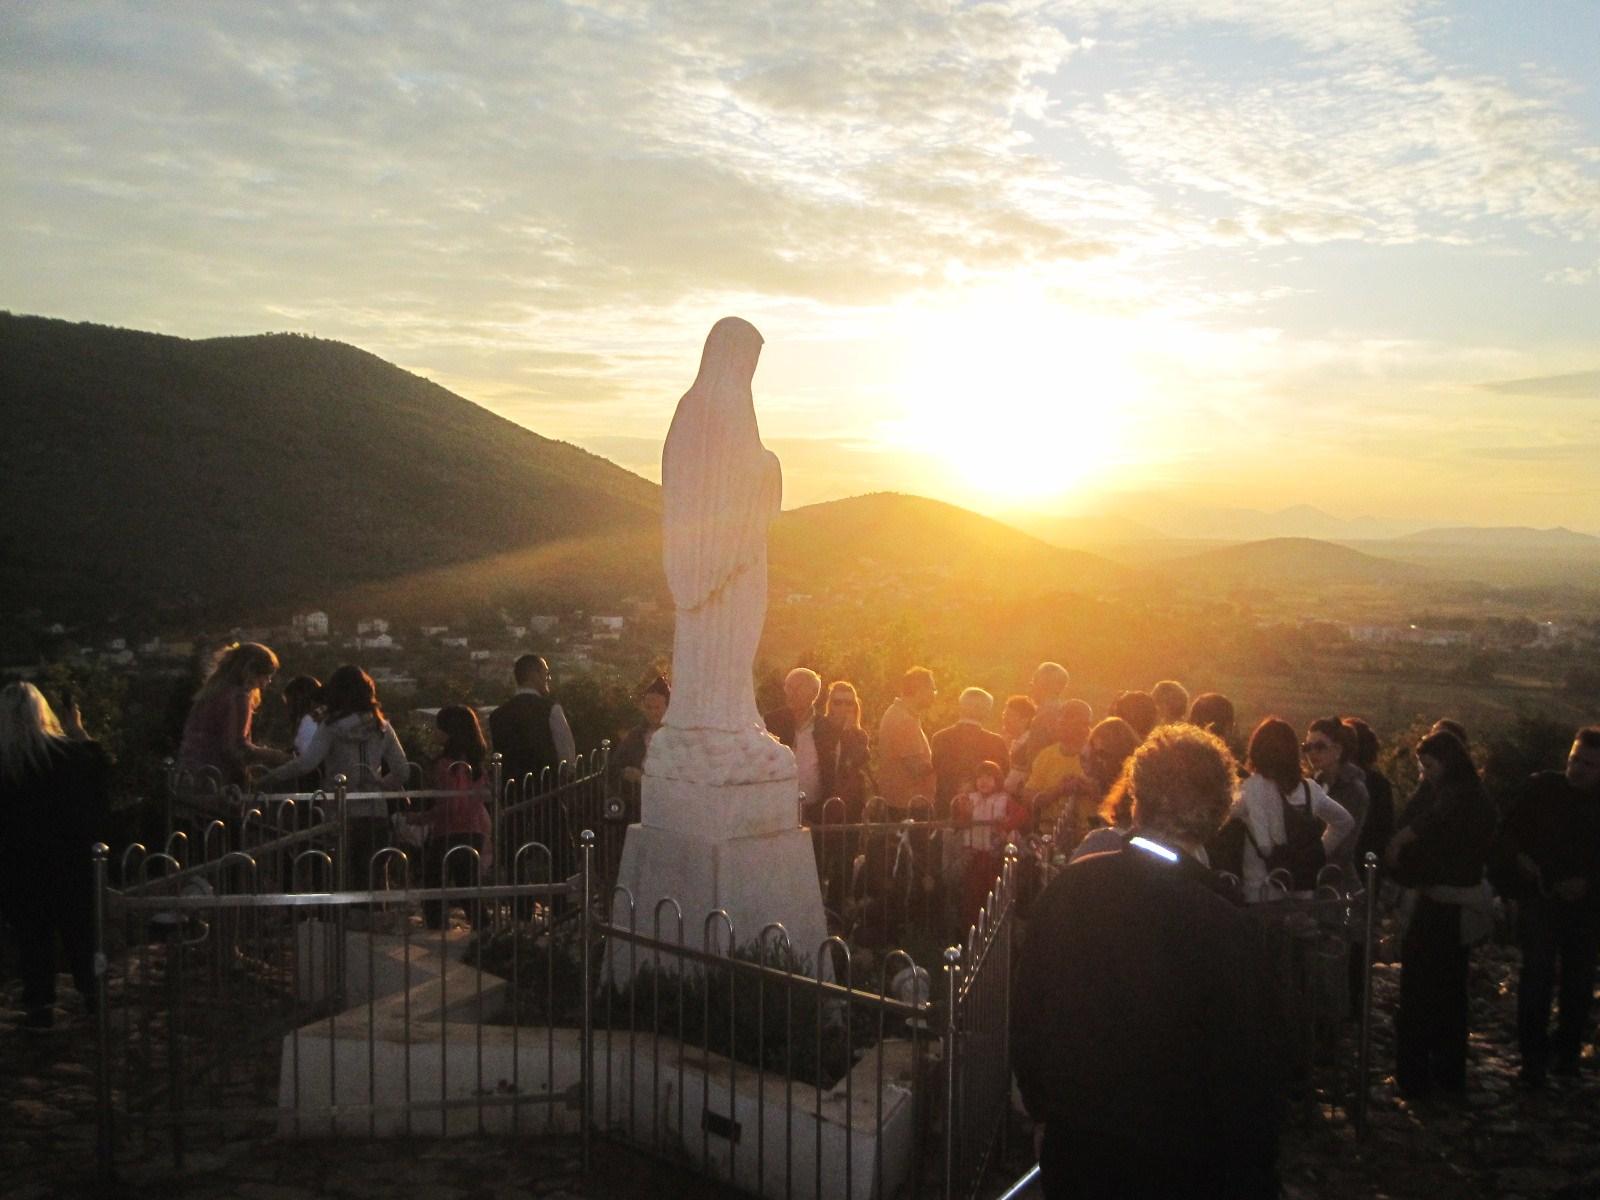 View over Medugorje, Hercegovina